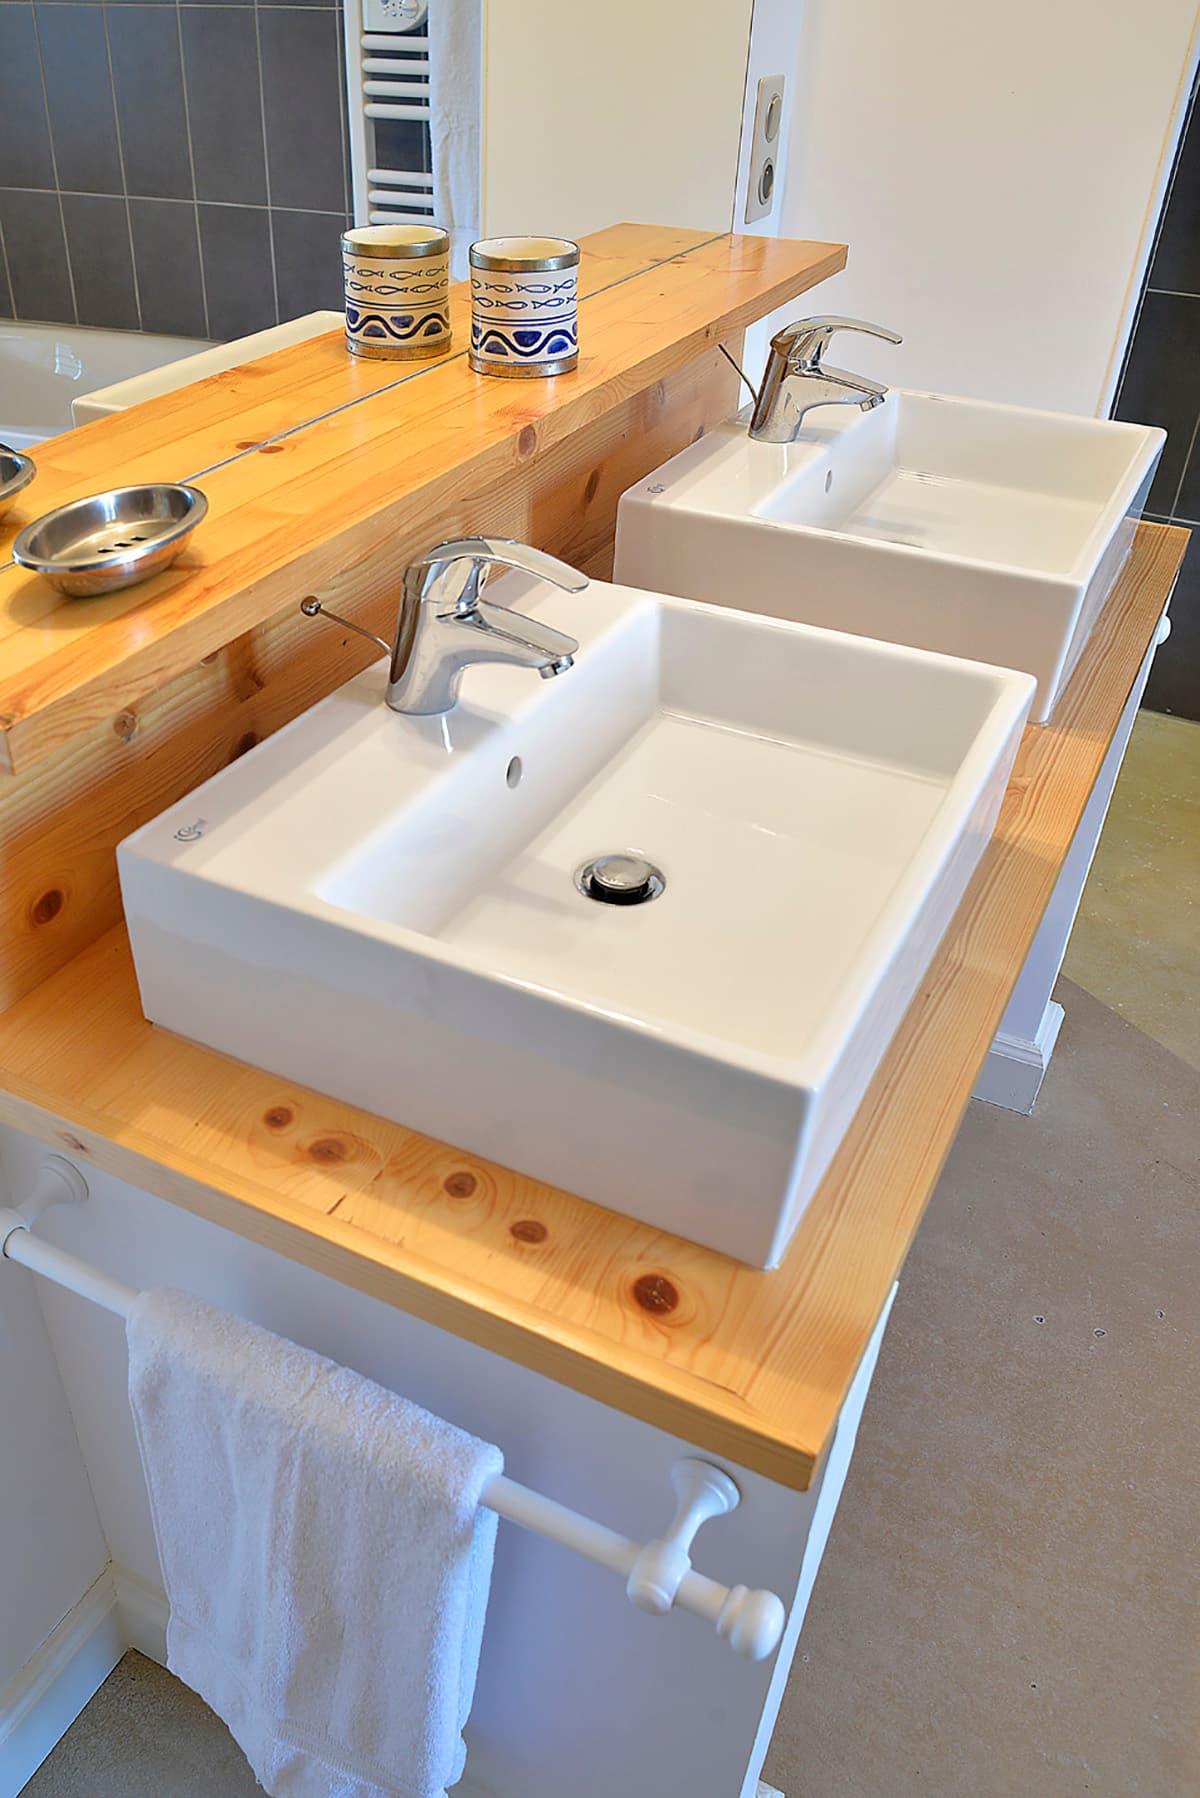 Gîtes de Fontfroide : galerie-photo-salle-de-bains-commune